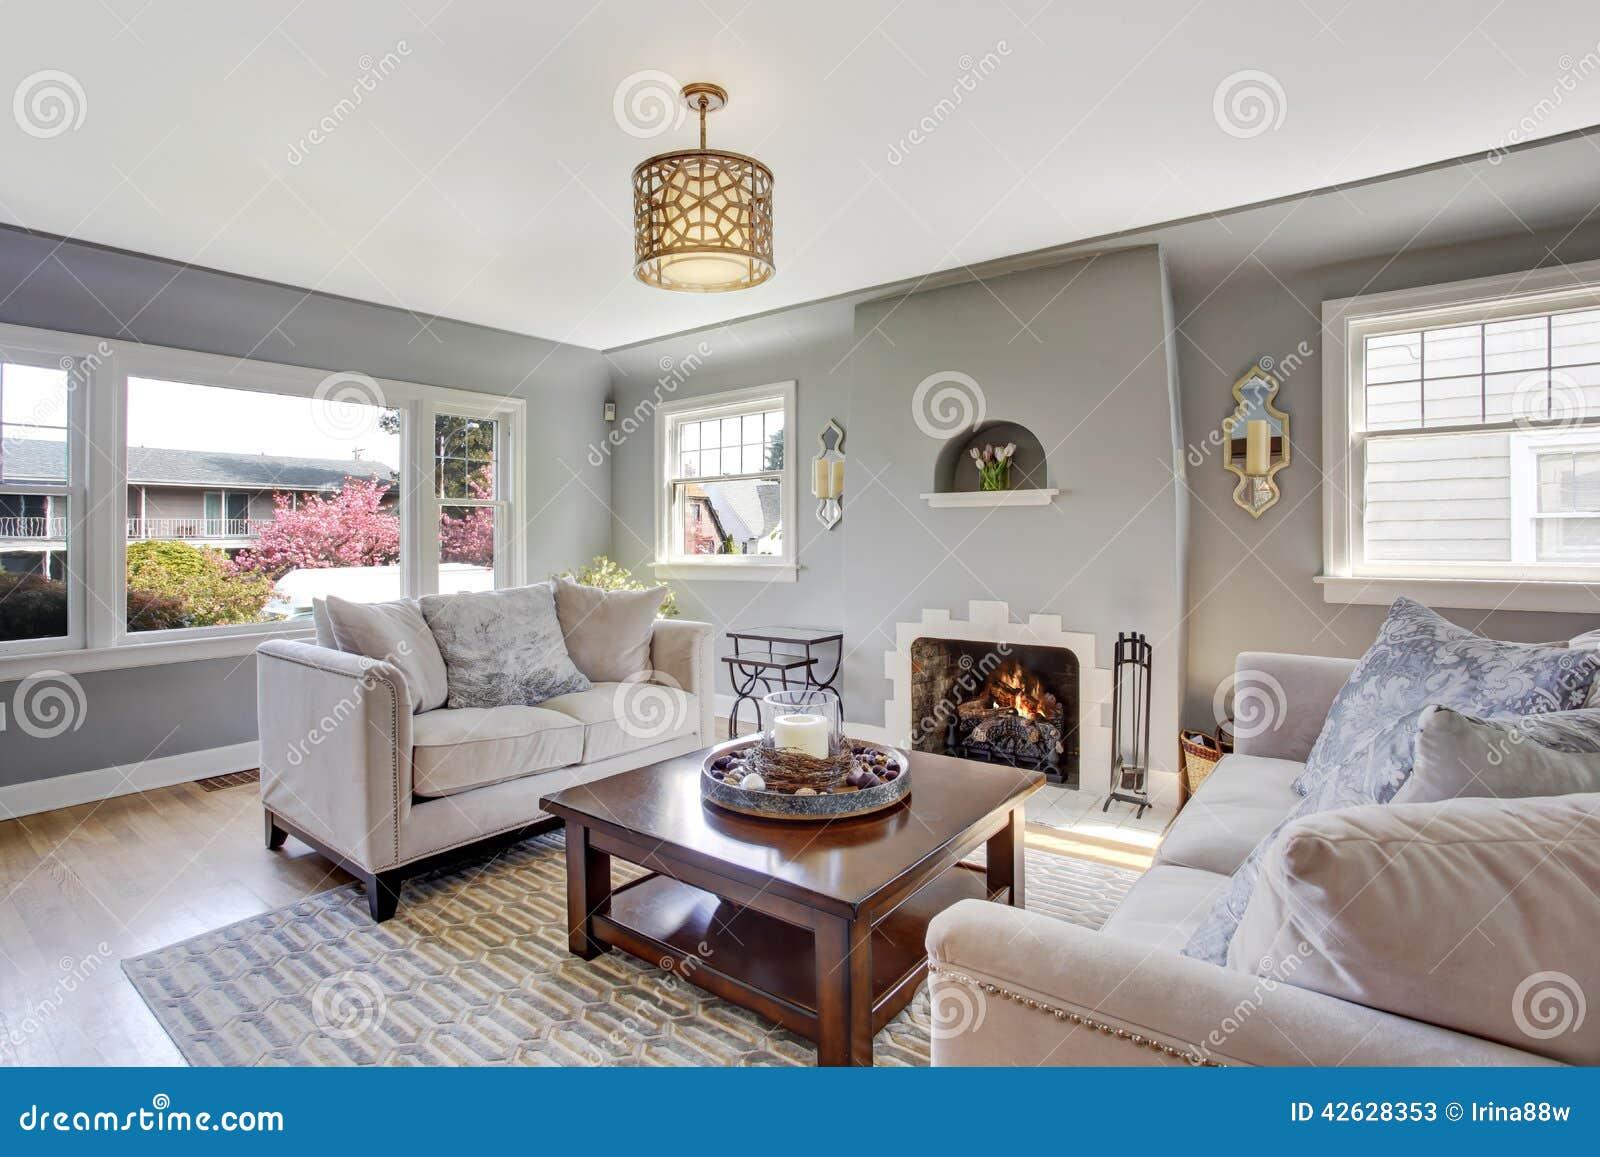 Lichtgrijze woonkamer met witte banken en open haard stock foto afbeelding 42628353 - Woonkamer deco ...